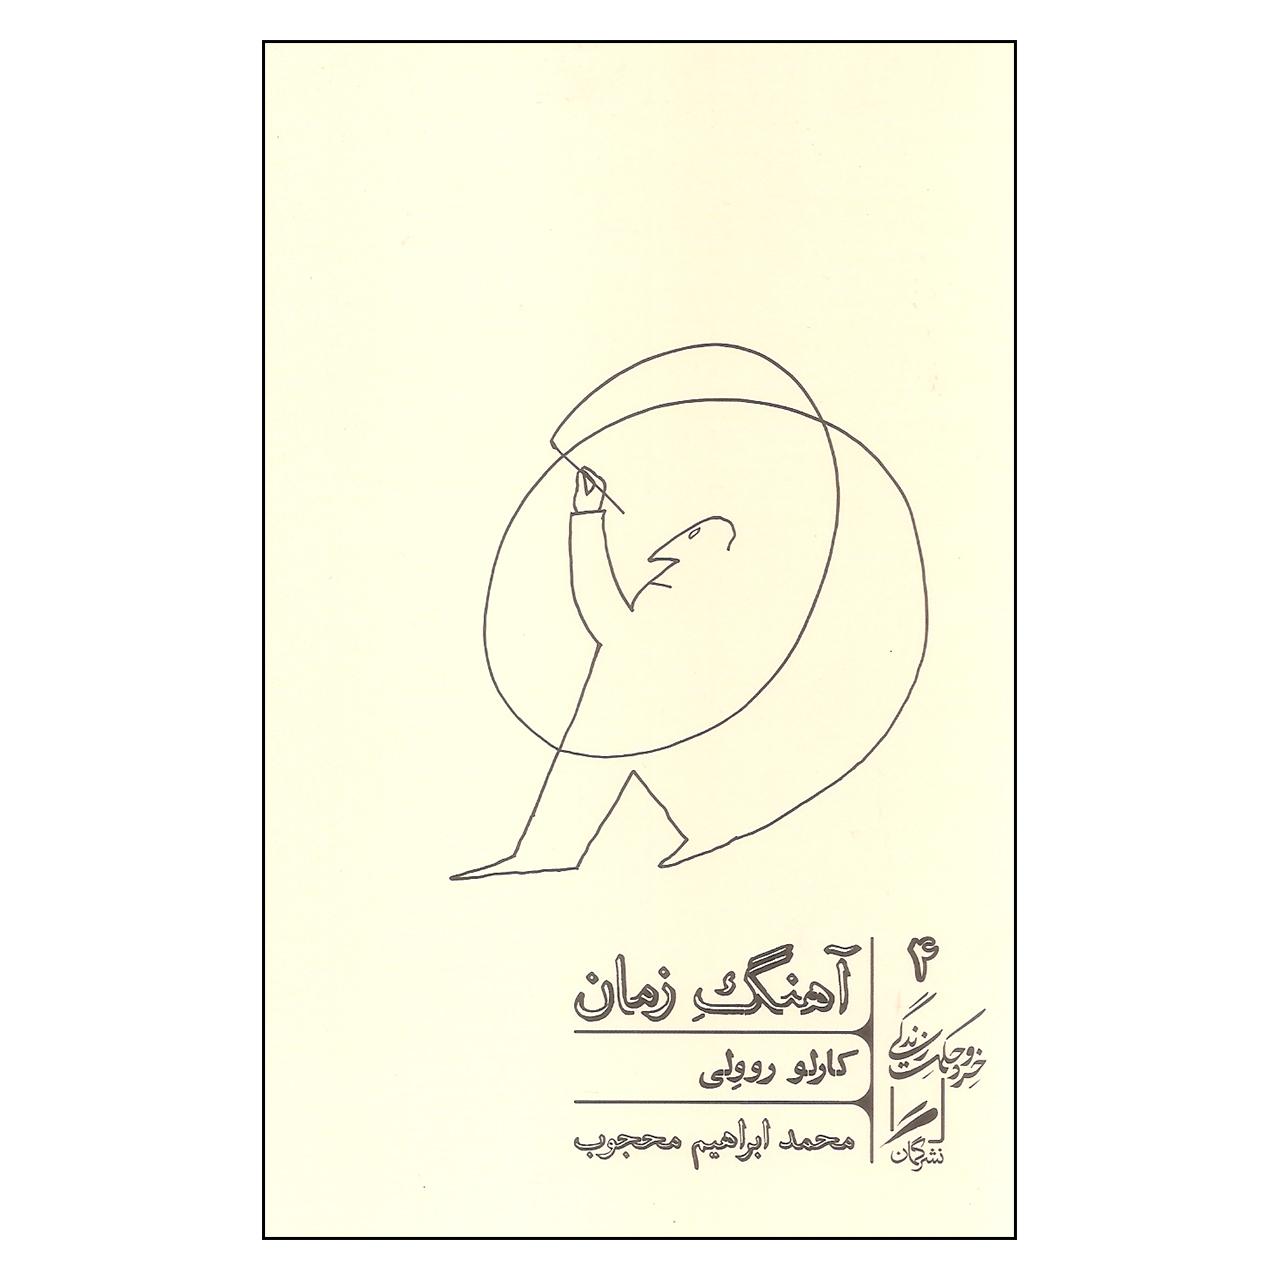 کتاب آهنگ زمان اثر کارلو روولی نشر گمان